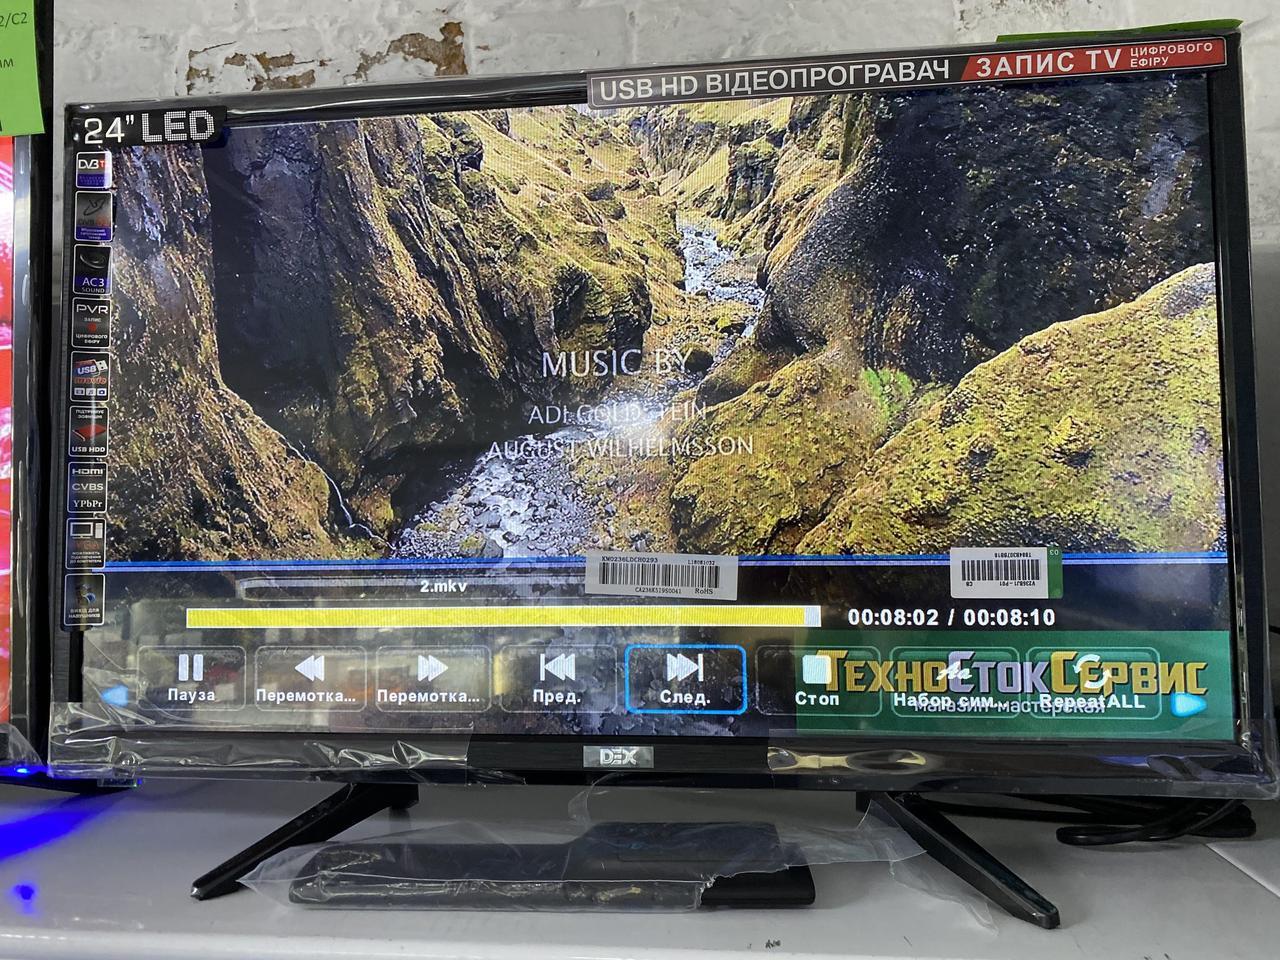 Телевизор DEX 2455T2 (HD 1366x768 / 60ГЦ / DVB-T2 / C2)